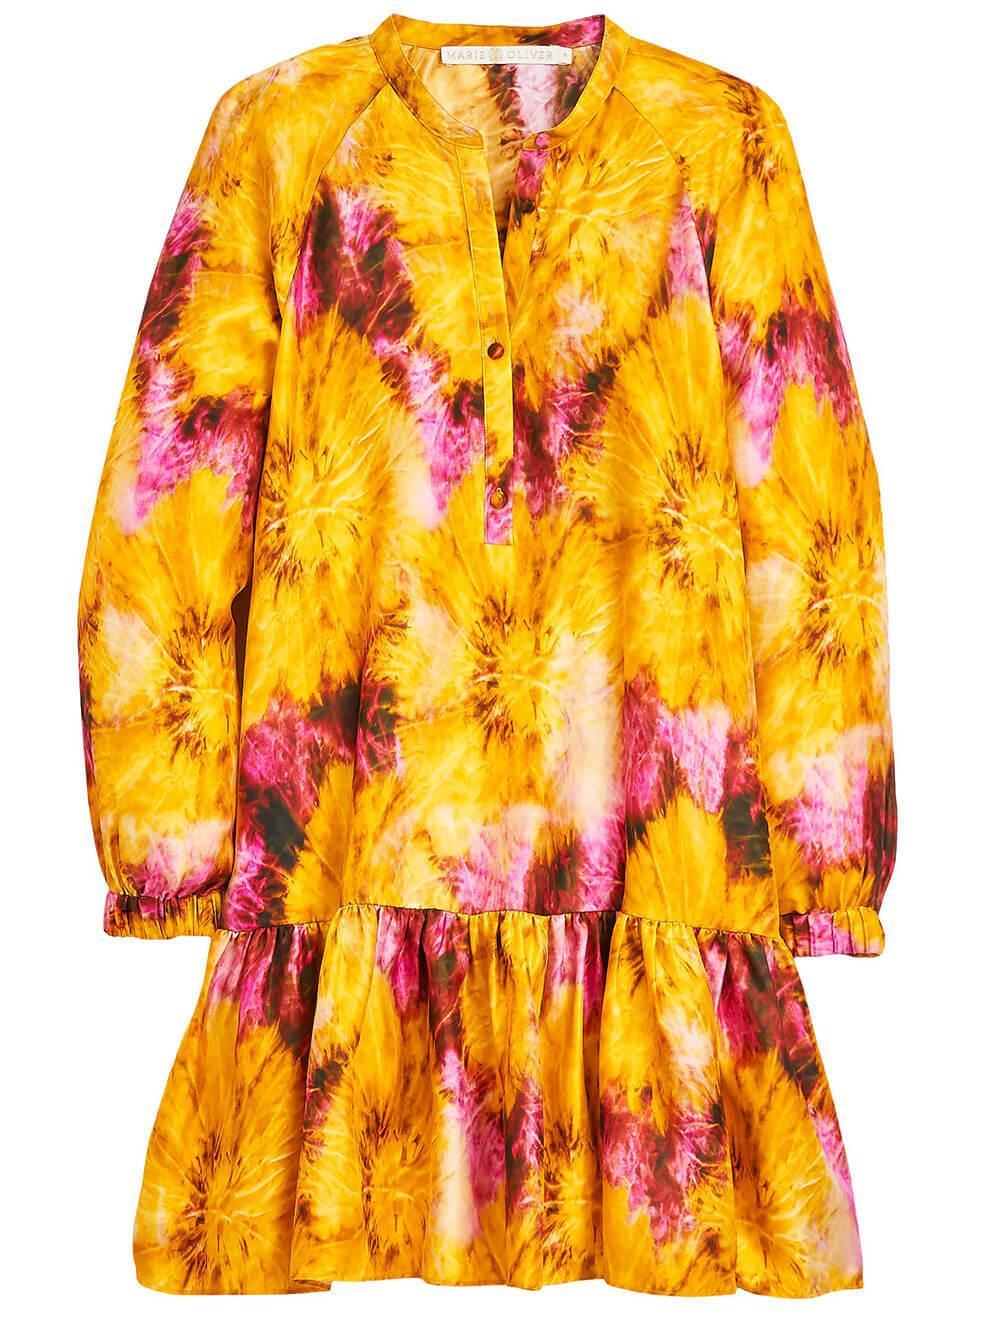 Retta Dress Item # 2R6-83-204